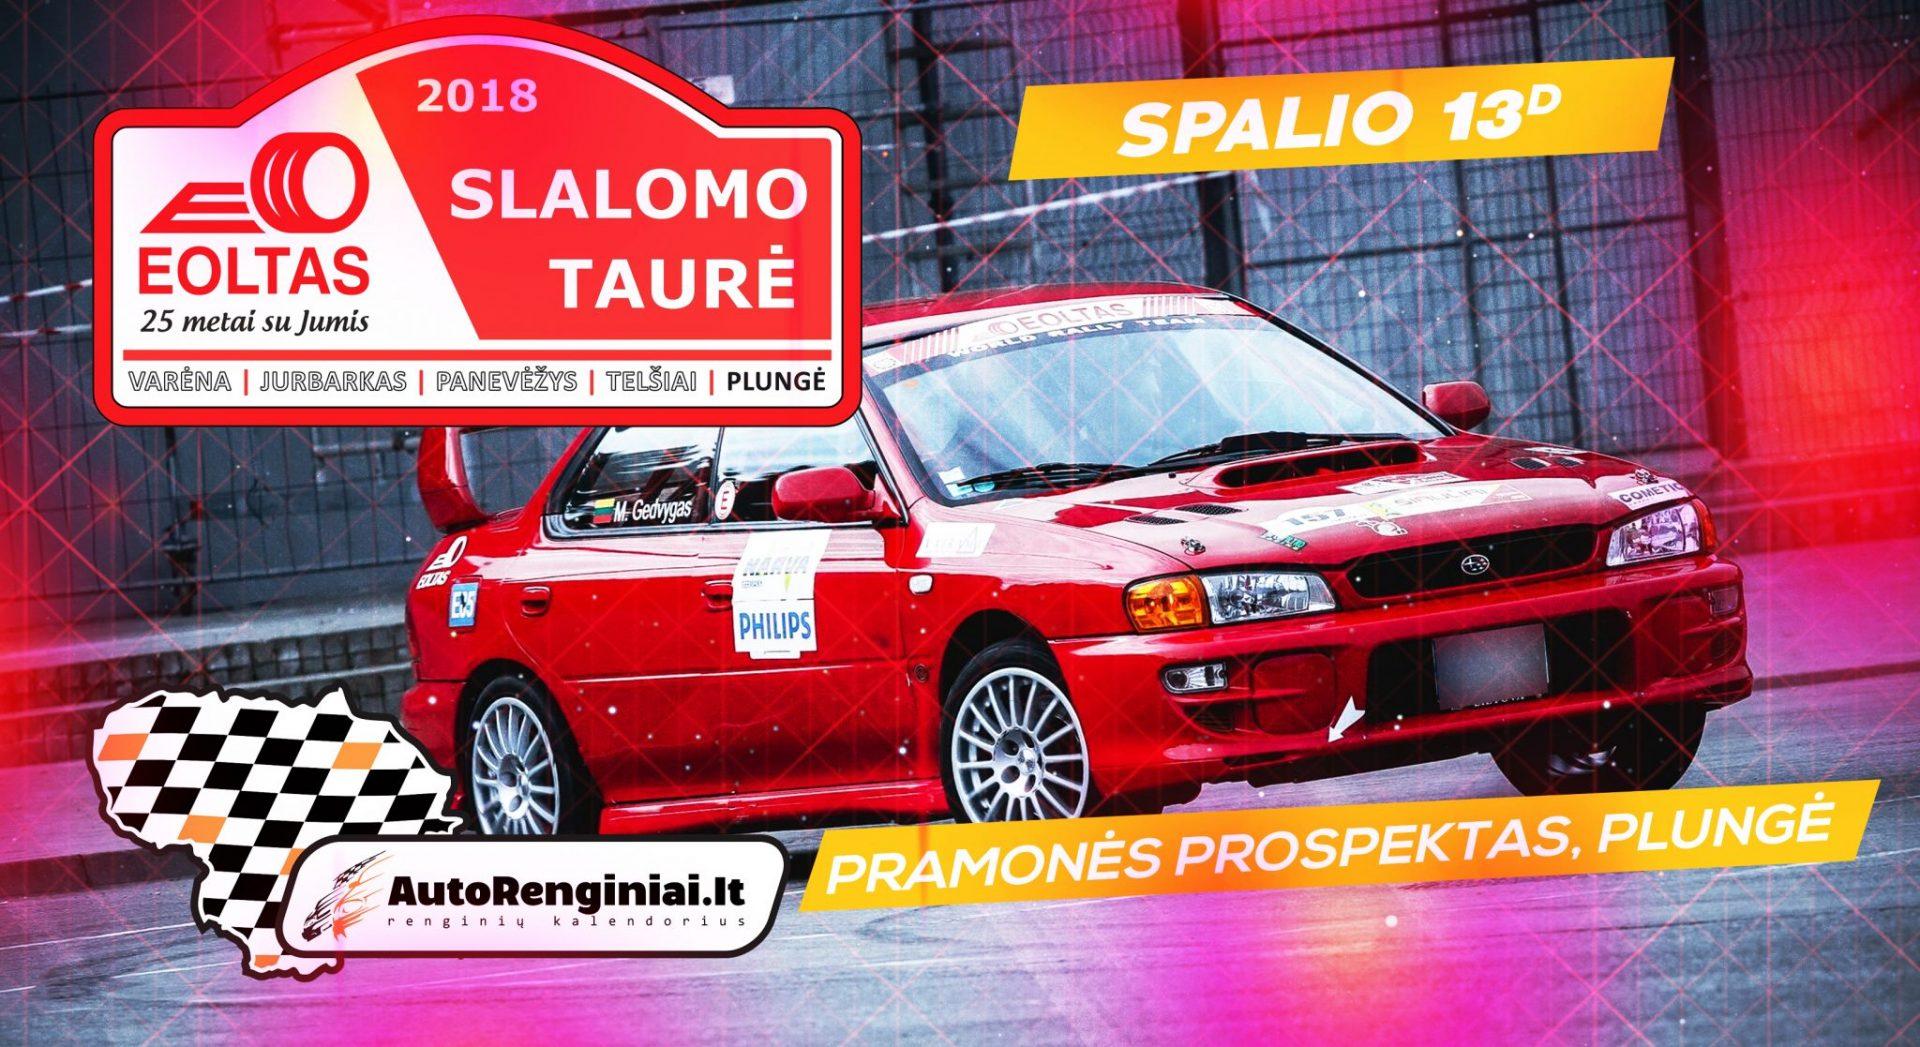 EOLTO slalomo taurė 2018 - #5 etapas